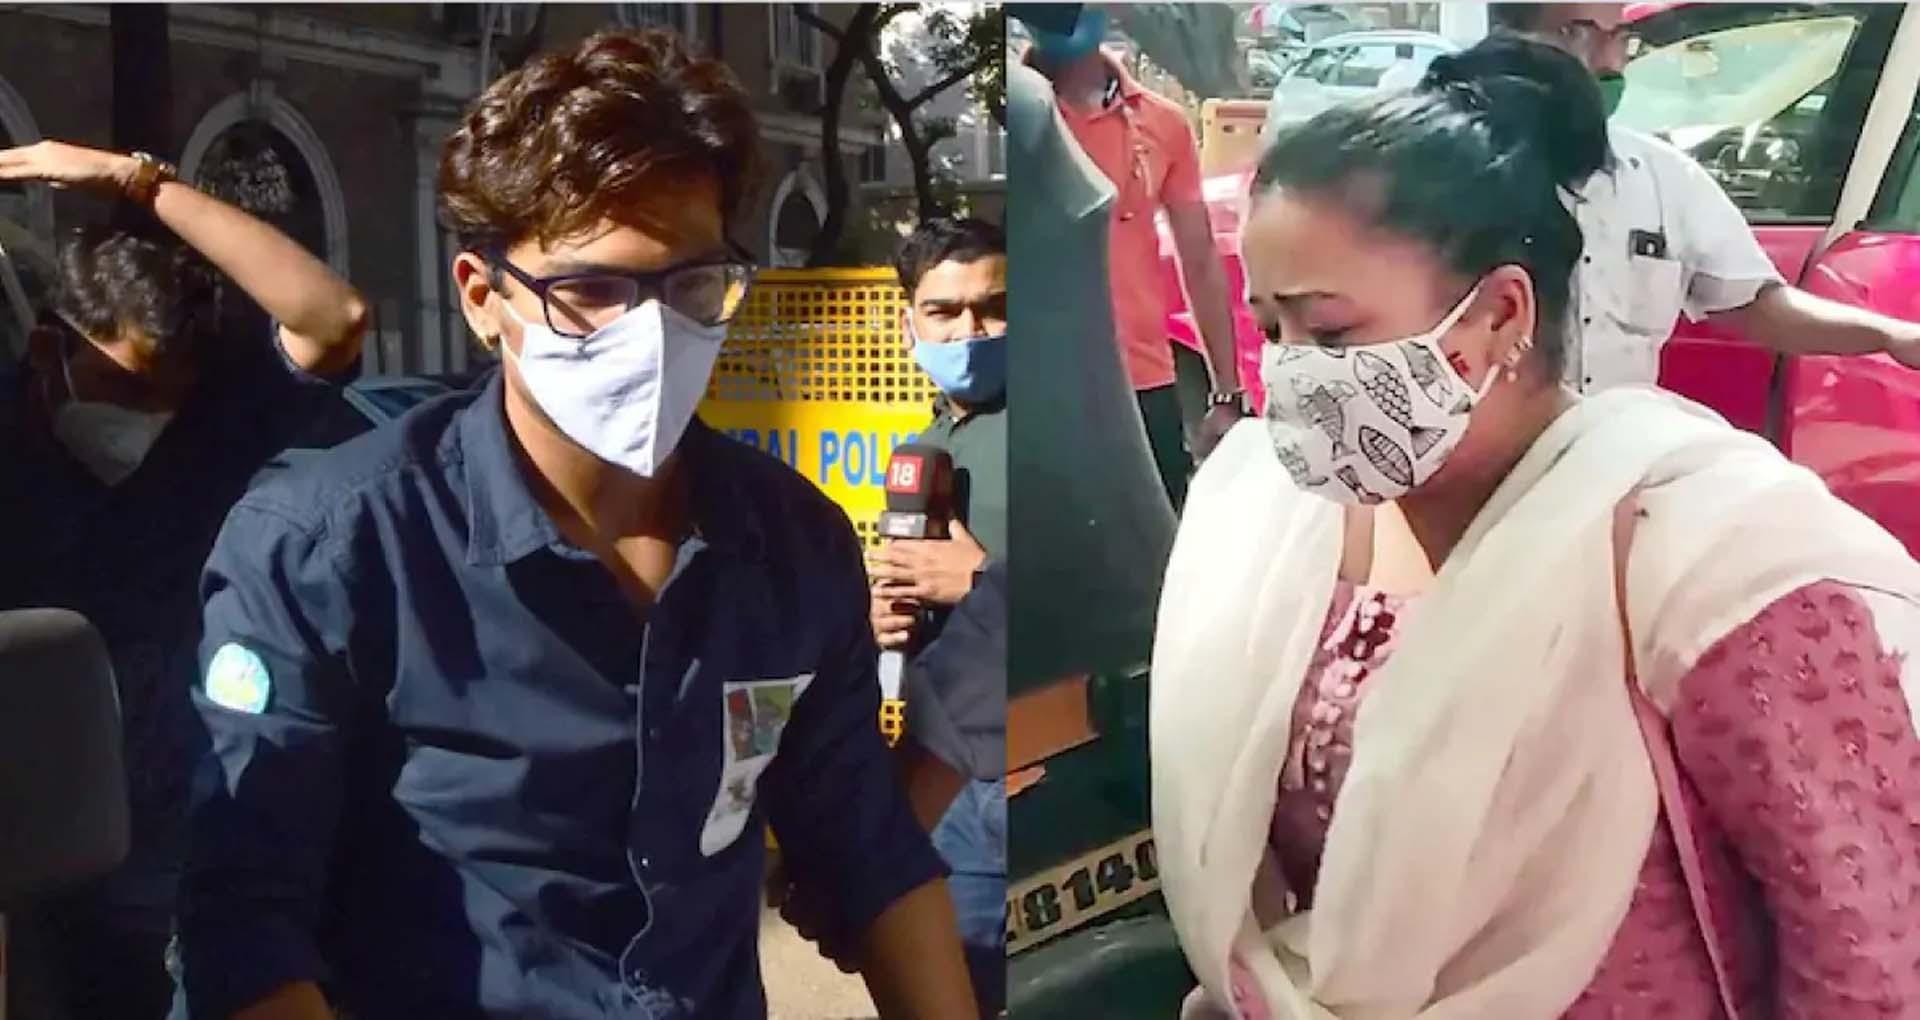 Bharti Singh Case: भारती को ड्रग पहुंचाने वाला आया गिरफ्त में! डिलीवरी बॉय बनकर करता था सप्लाई